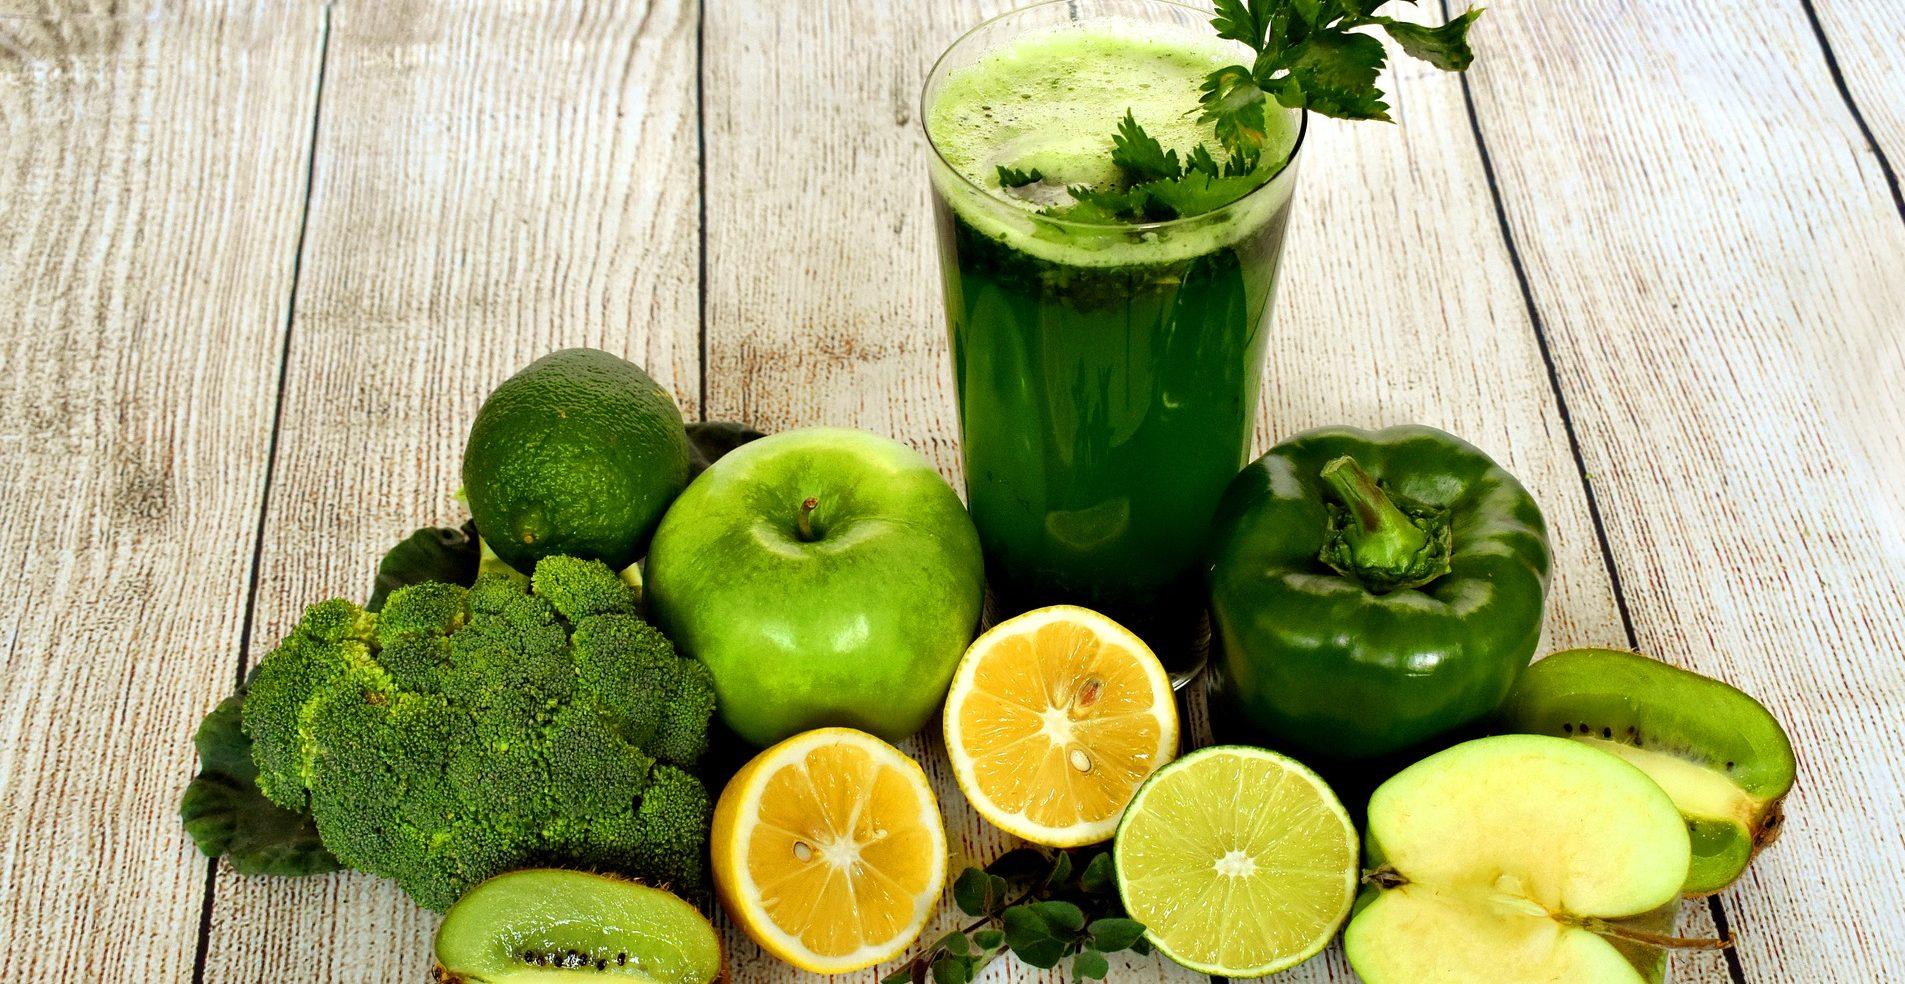 gyümölcsök és zöldségek ízületi fájdalmak kezelésére